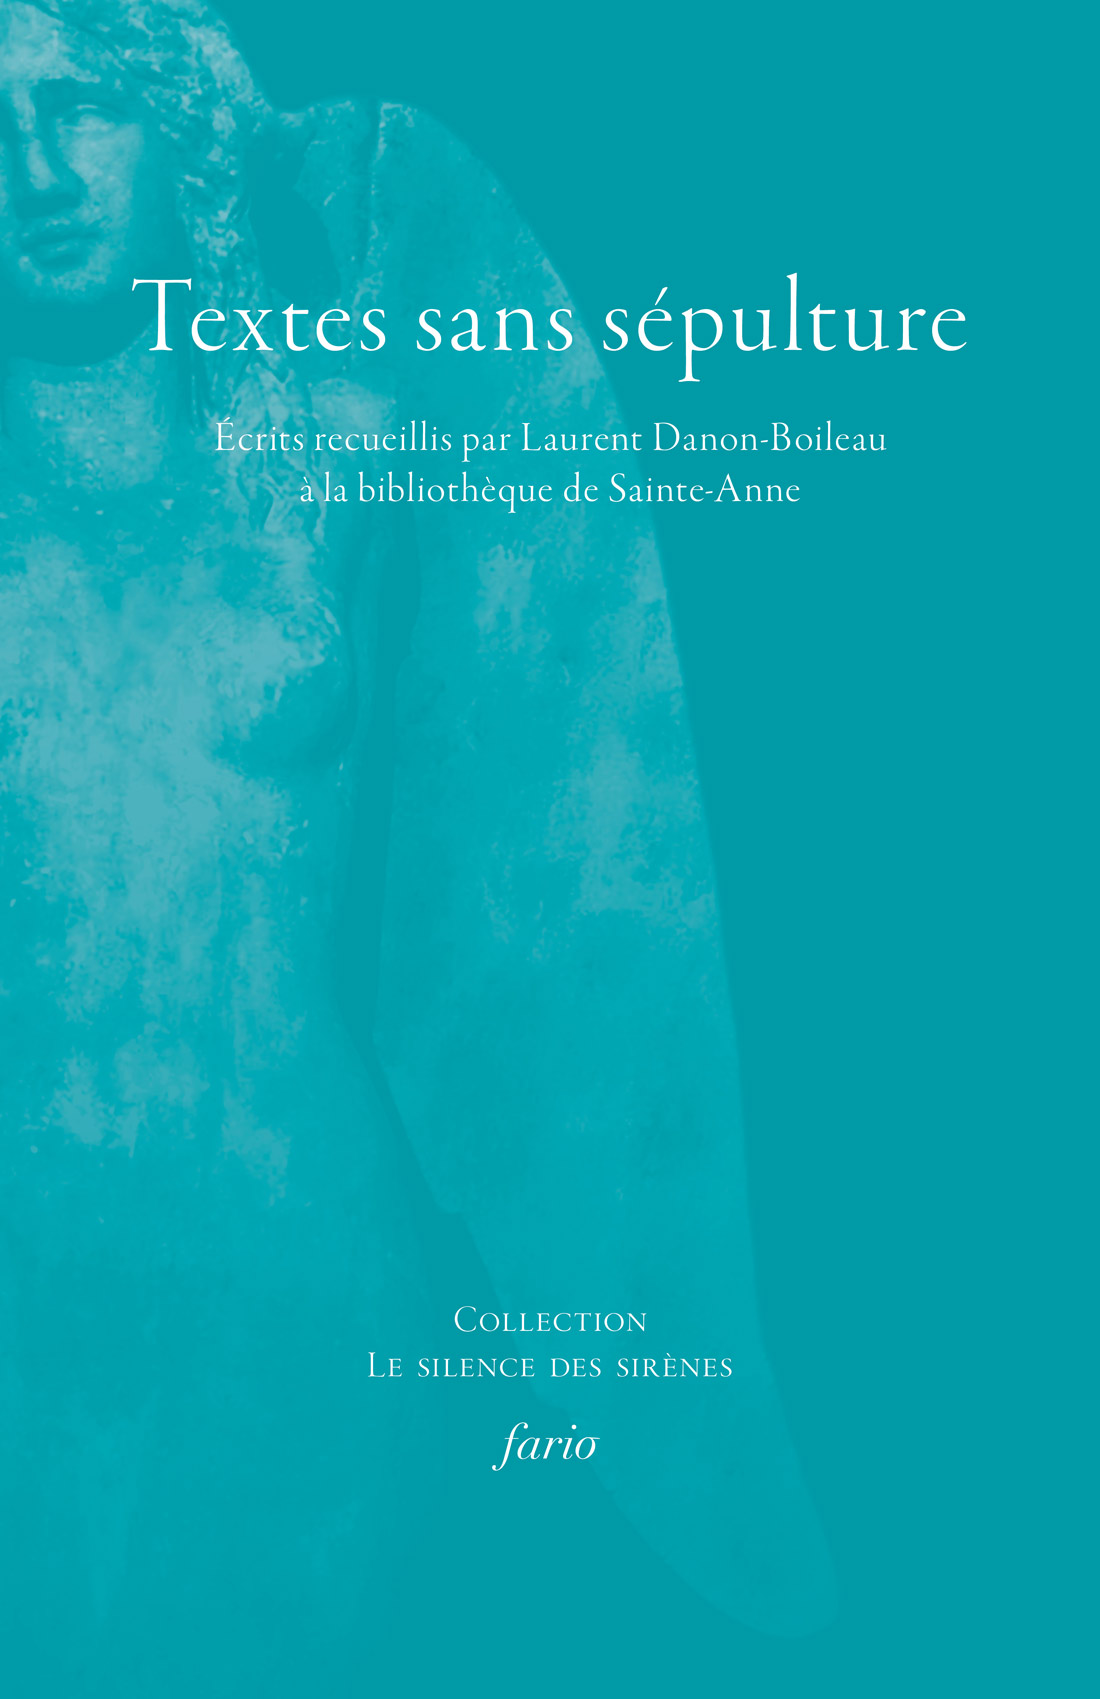 Textes sans sépultures. Écrits recueillis à la bibliothèque de Sainte-Anne par L. Danon-Boileau